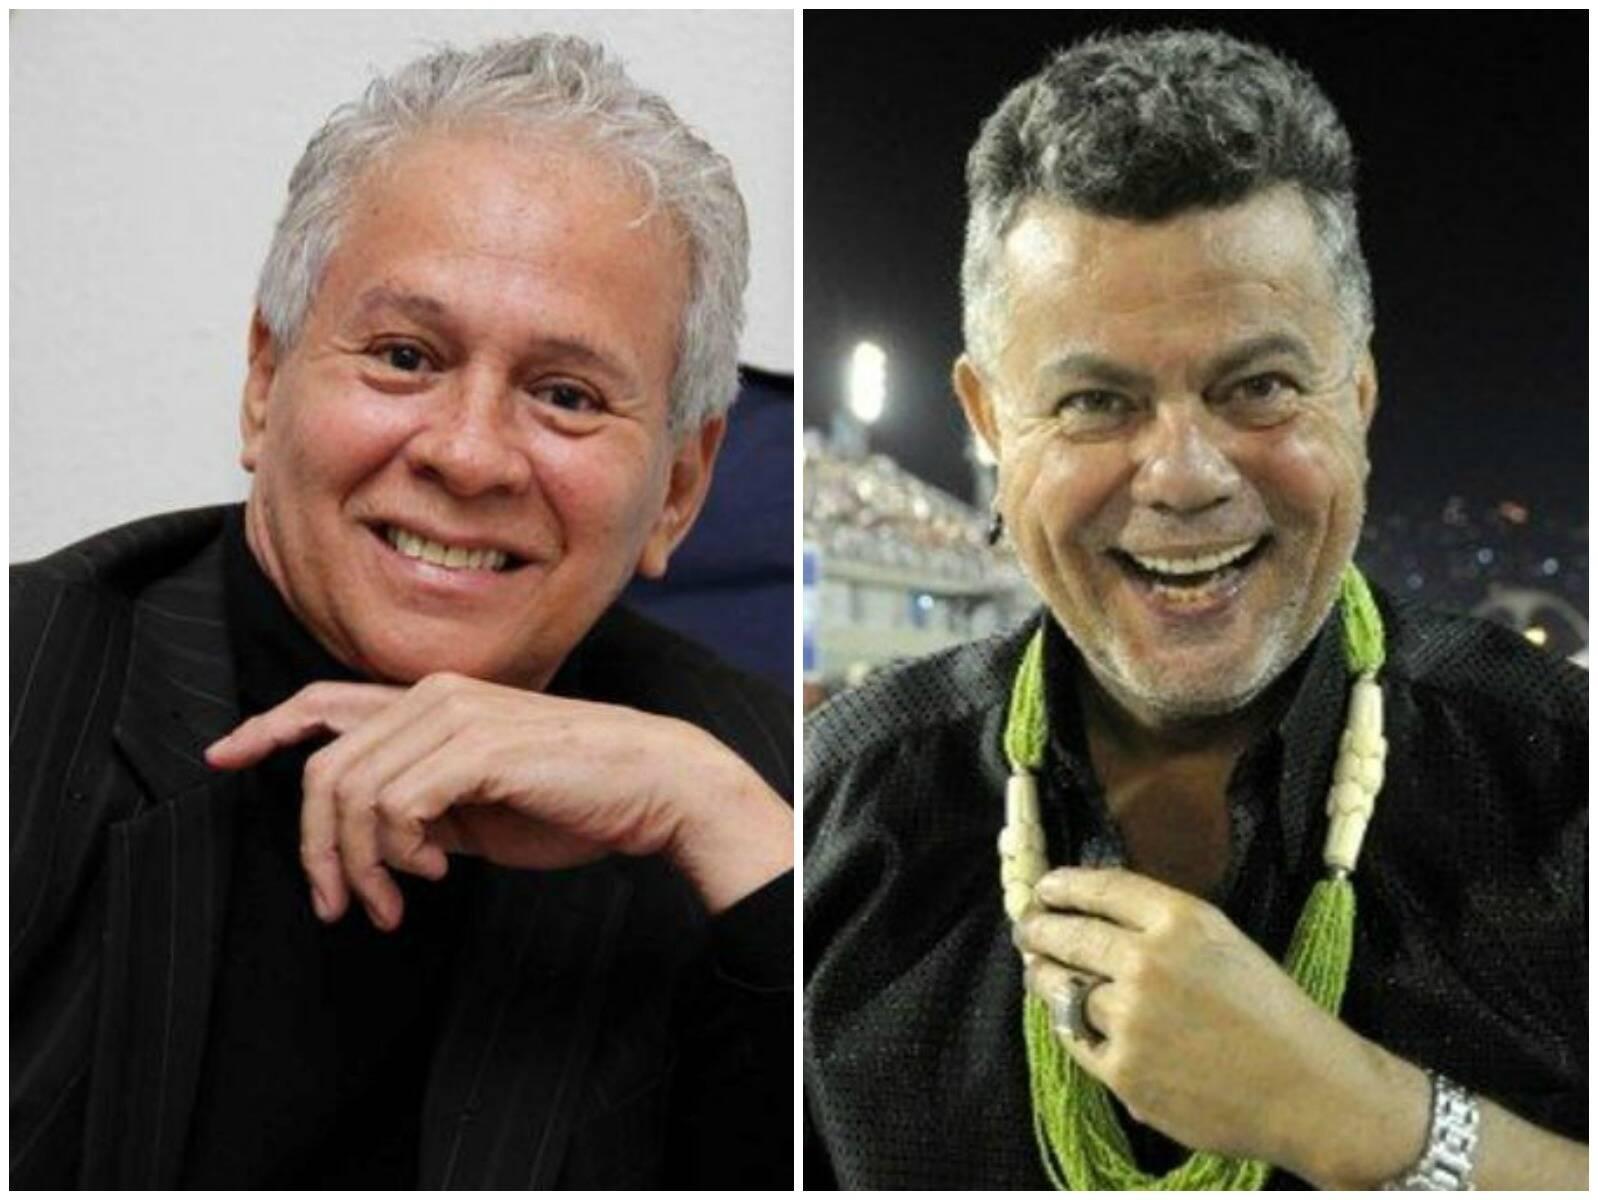 Ricardo de la Rosa e Milton Cunha: organizadores dos bailes gays do carnaval carioca / Foto: Facebook e O Dia